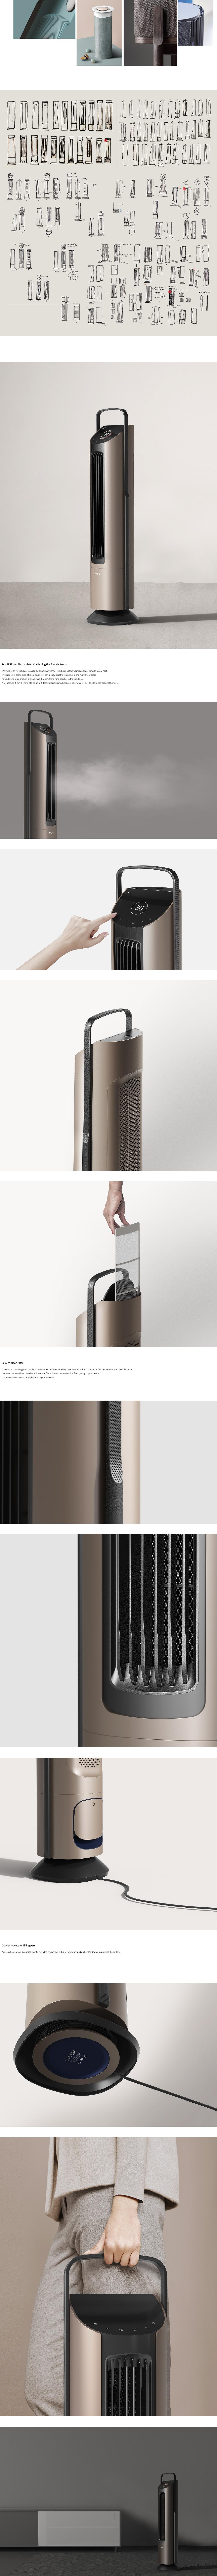 Industrial Design,Product Design